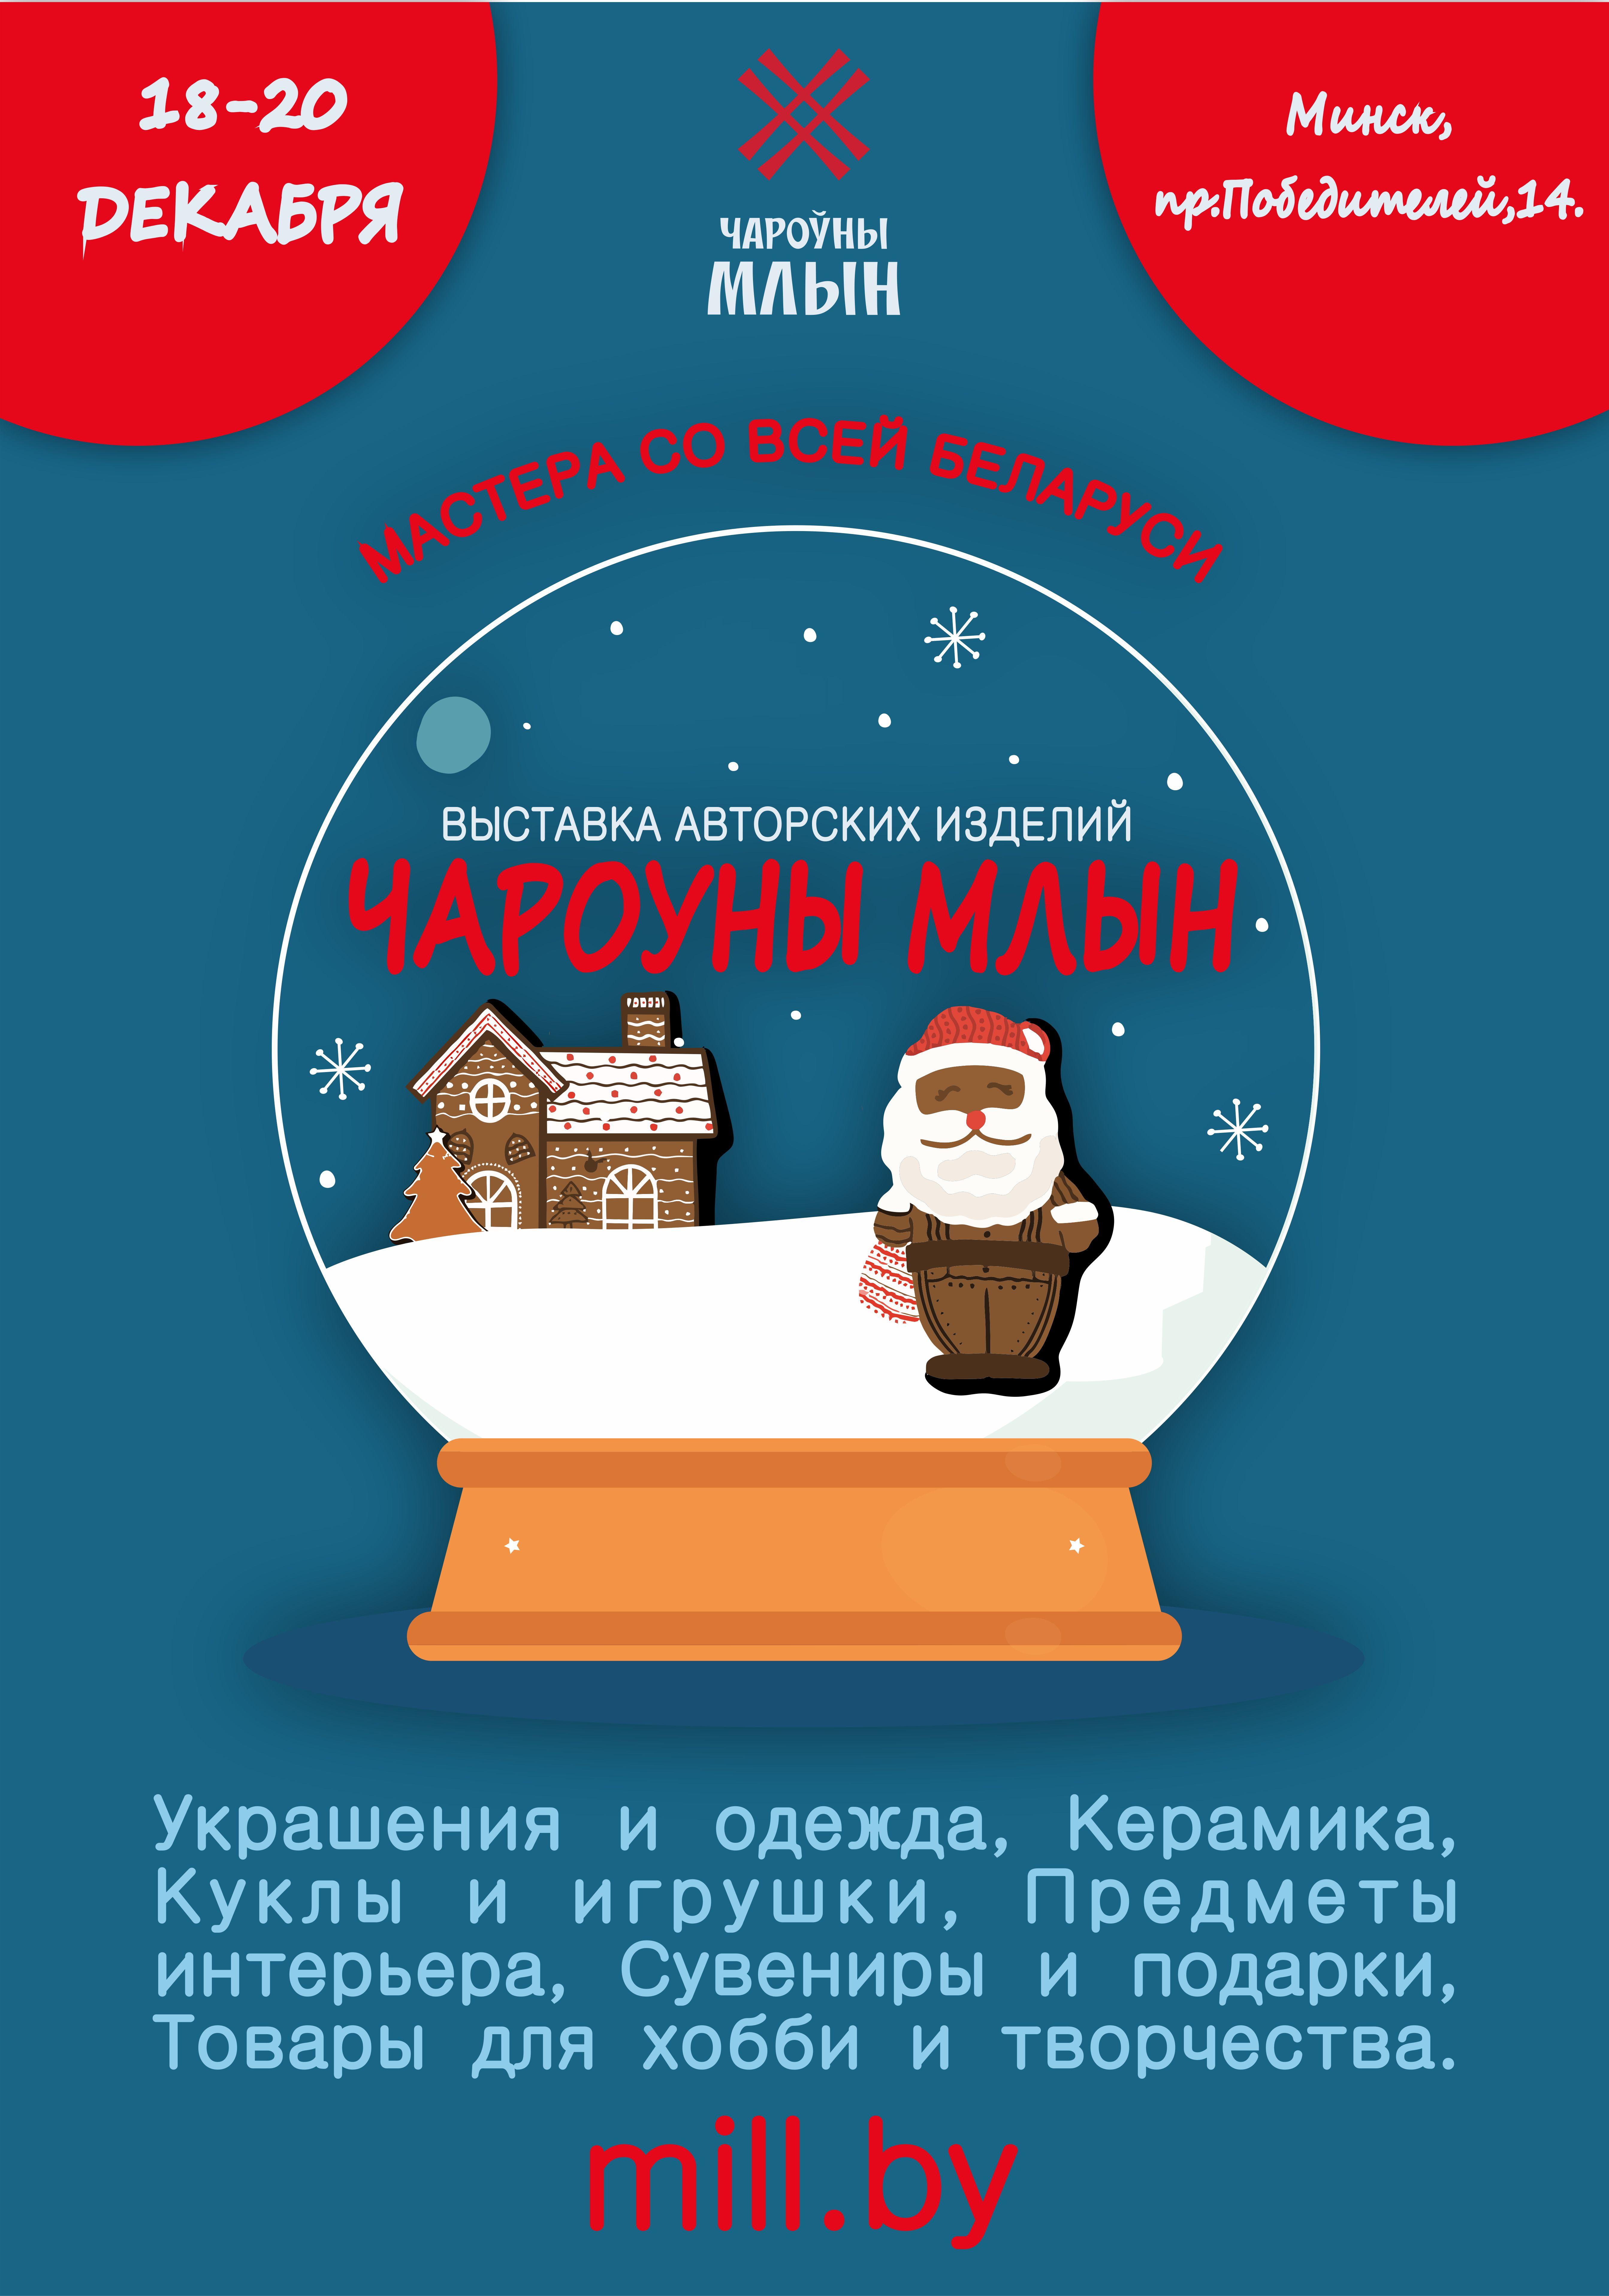 Дизайн новогодней афиши для выставки изделий ручной работы фото f_5035f8db4000af03.jpg